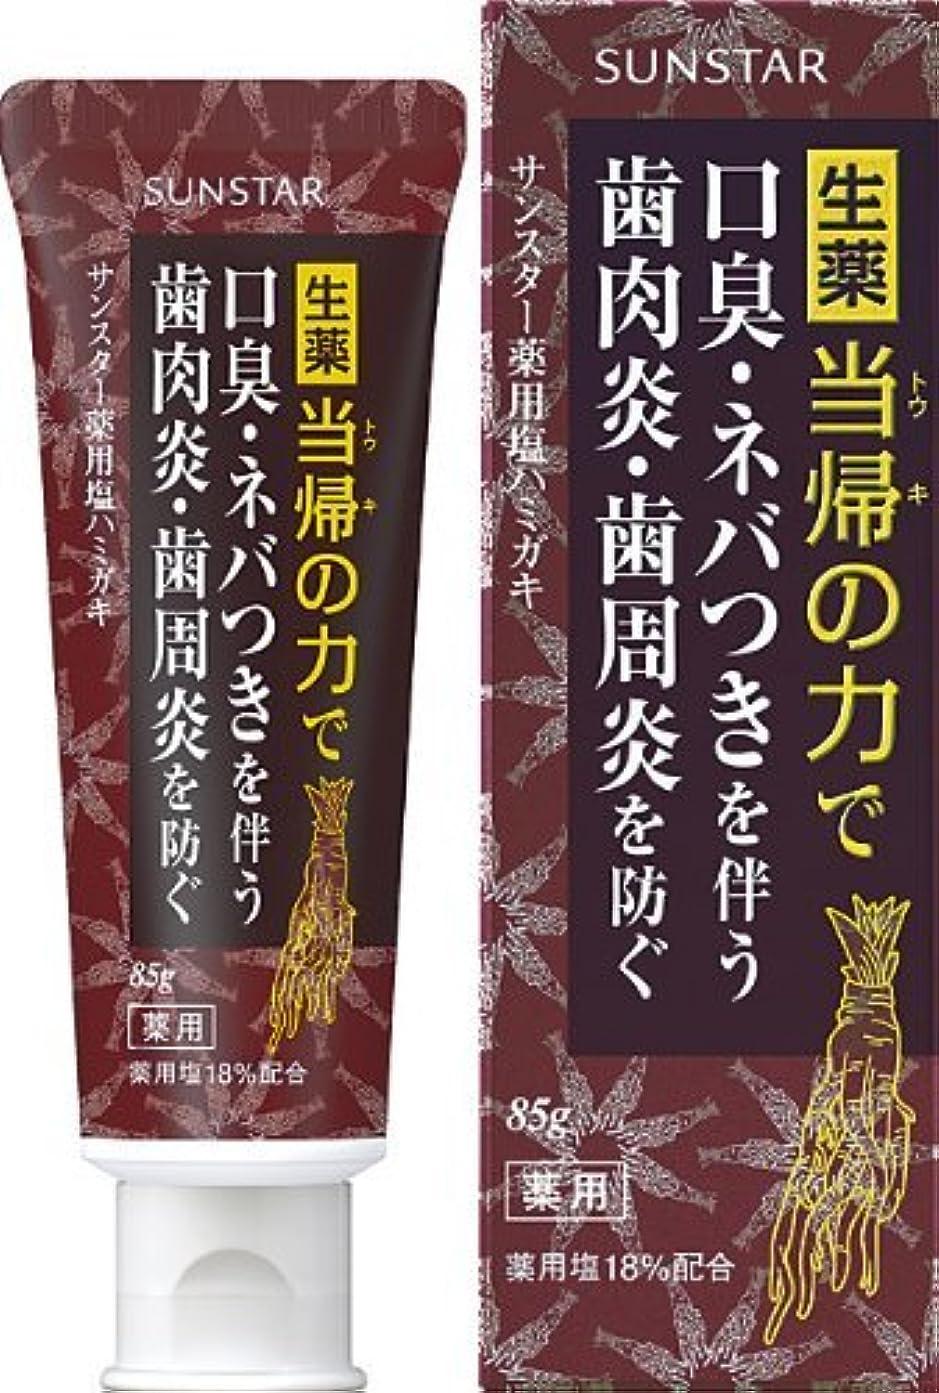 夏ニンニク処方するサンスター 薬用ハミガキ 生薬当帰の力 85g 歯周病歯磨き×80点セット (4901616009226)